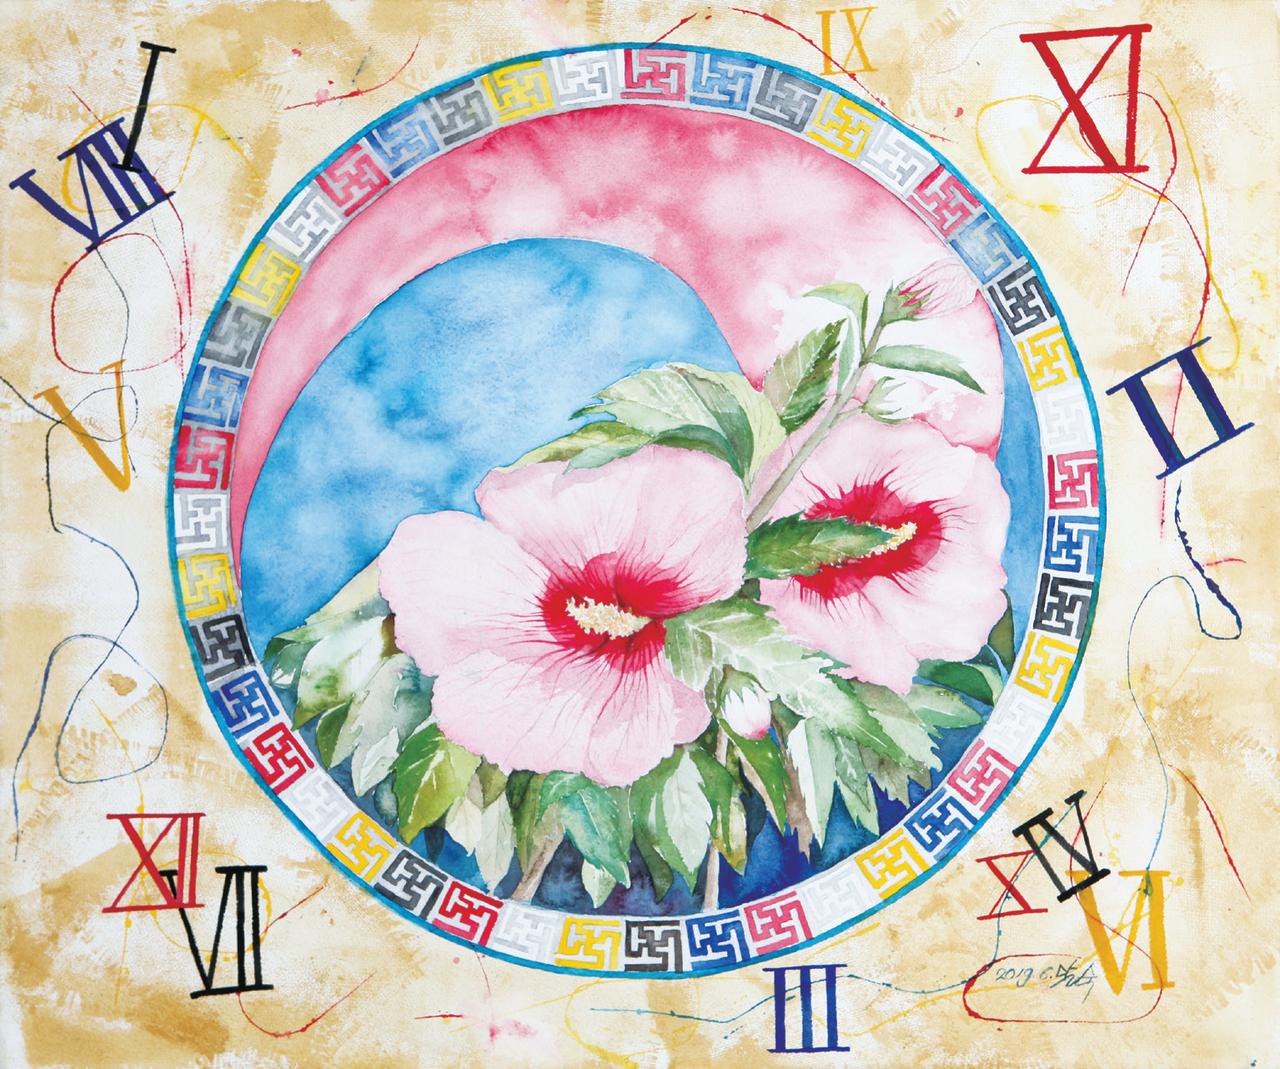 이달숙 (서양화)-무궁화로 장식된 둘러쌓인 문양